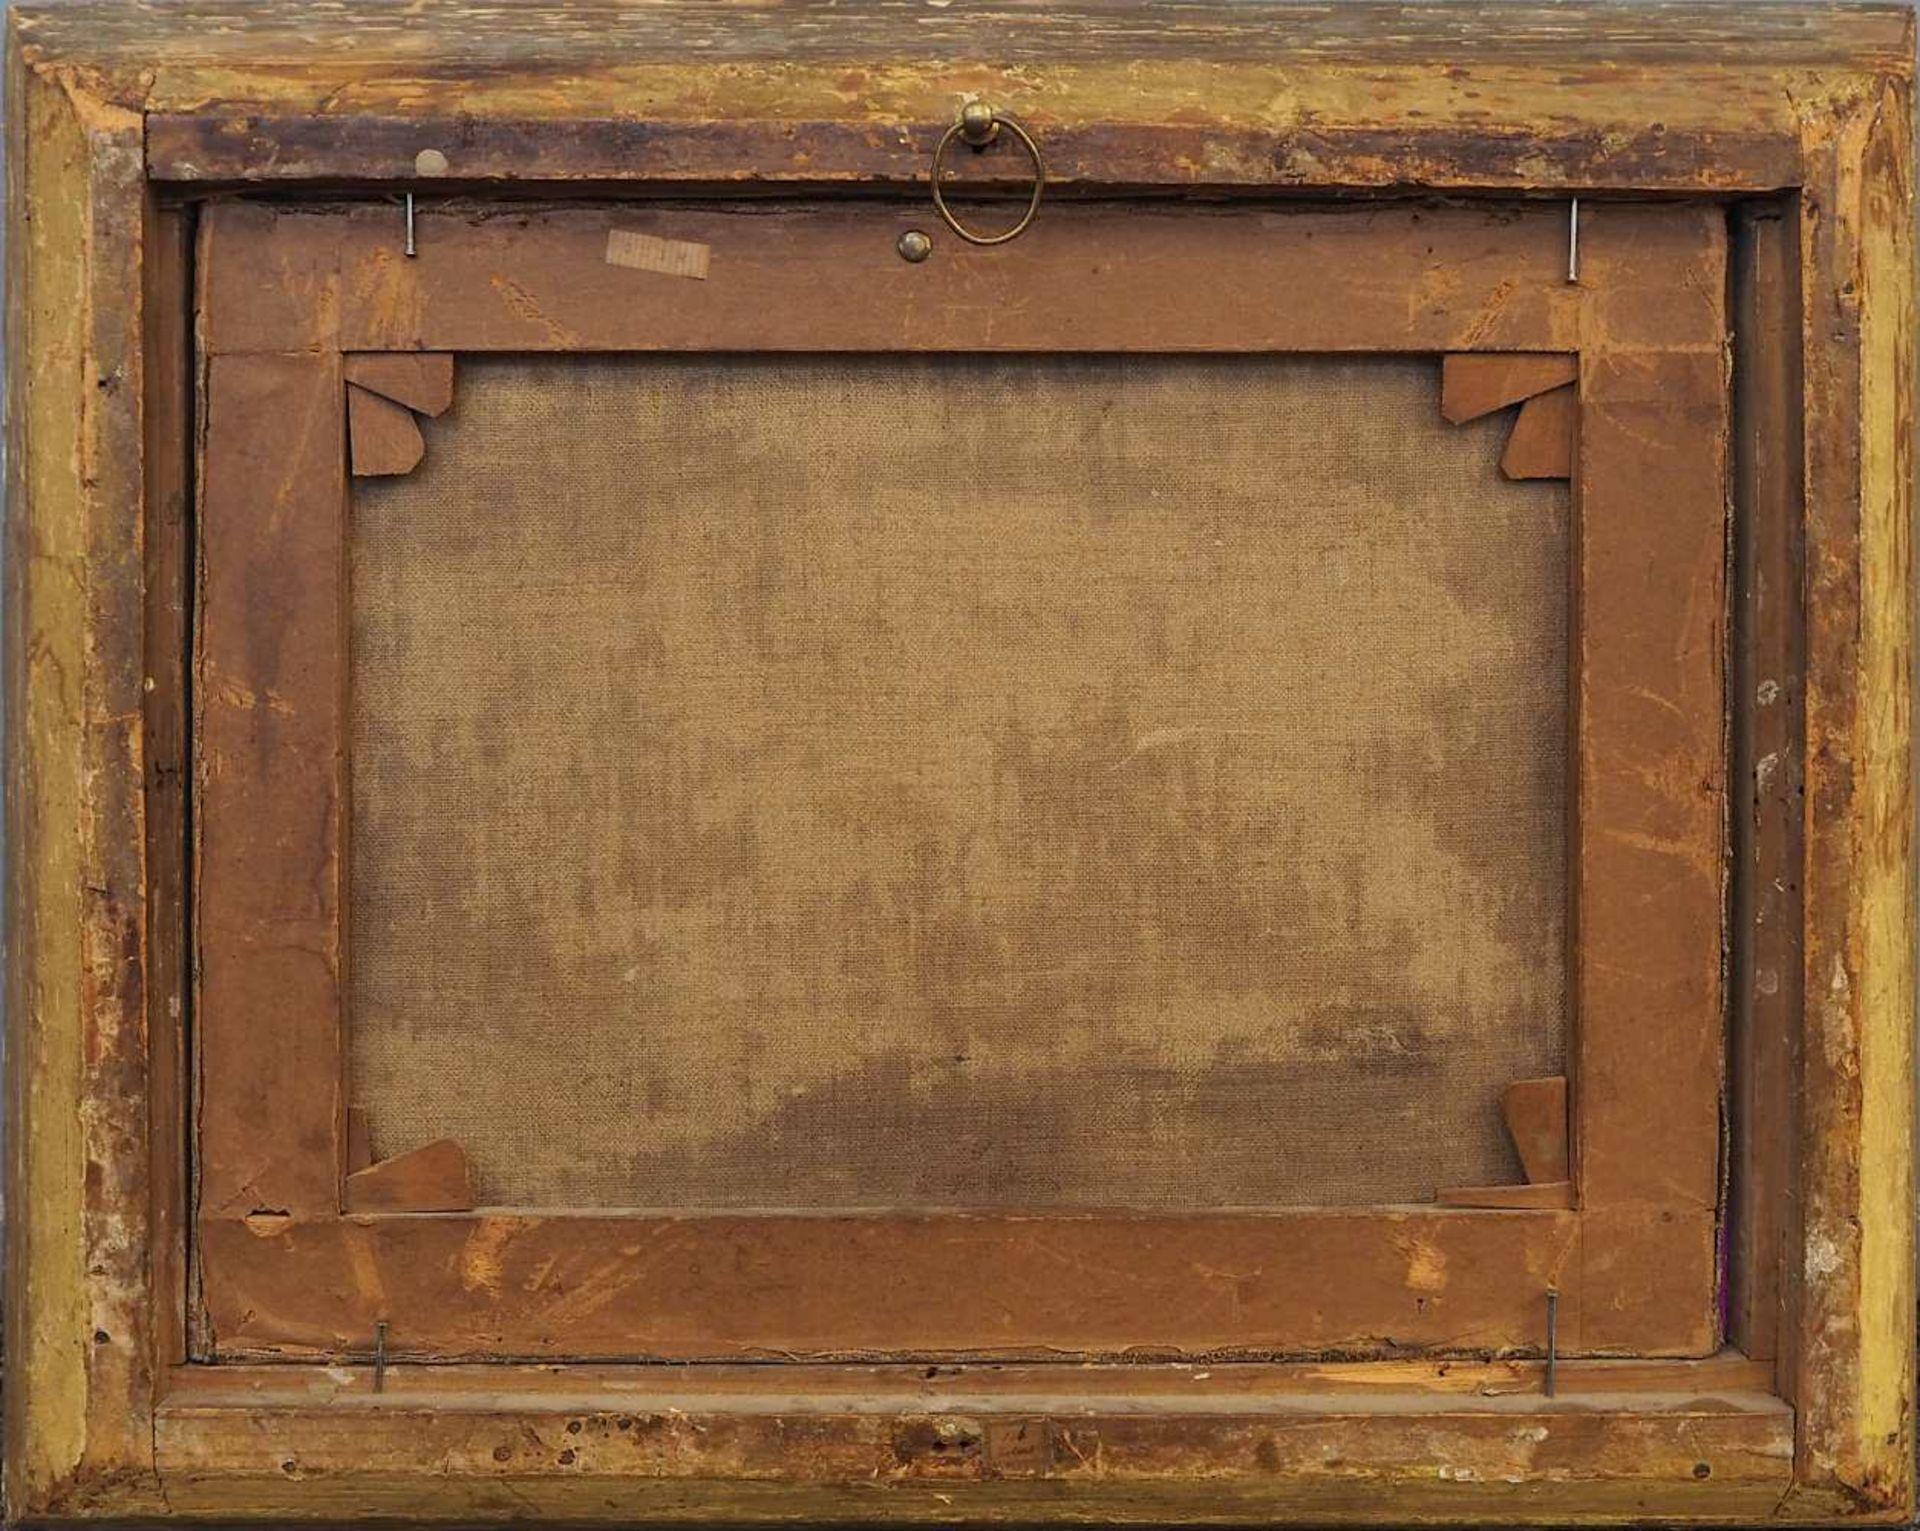 """1 Ölgemälde R.u. sign. J. SPERL (wohl Johann S. 1840-1914), """"Blick in die Scheune"""", - Bild 5 aus 8"""